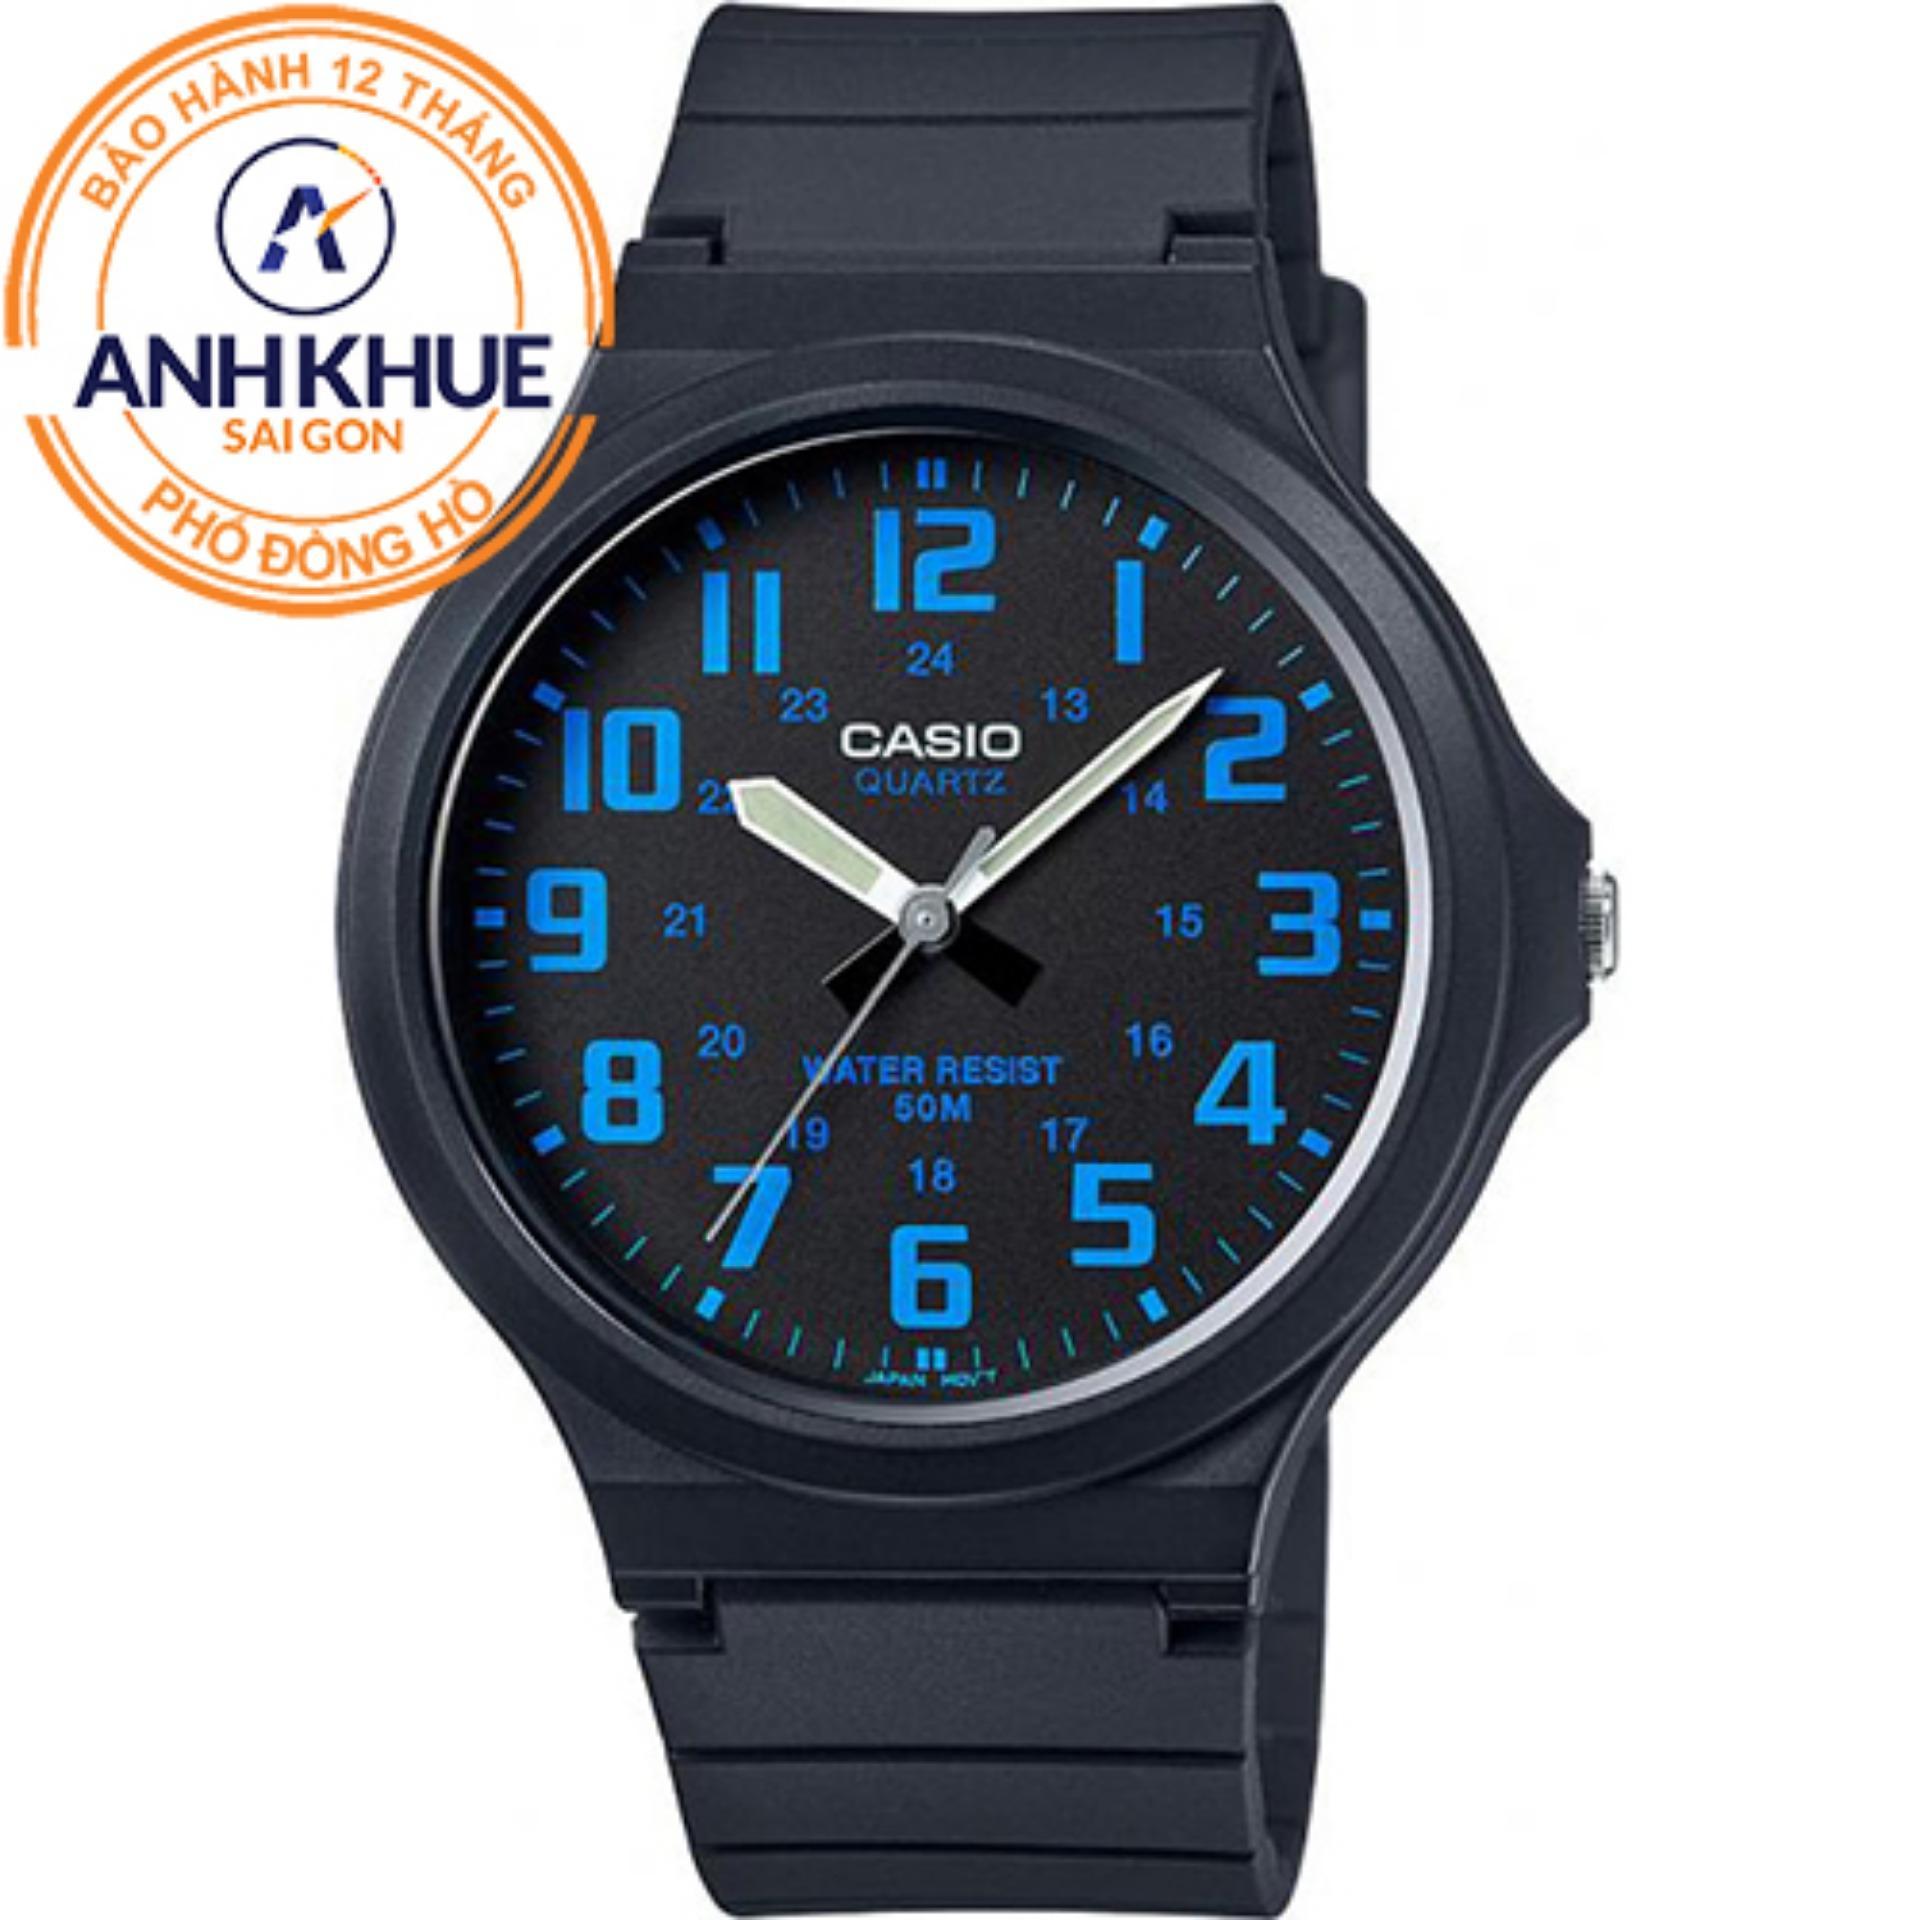 Đồng hồ nam dây nhựa Casio Anh Khuê MW-240-2BVDF